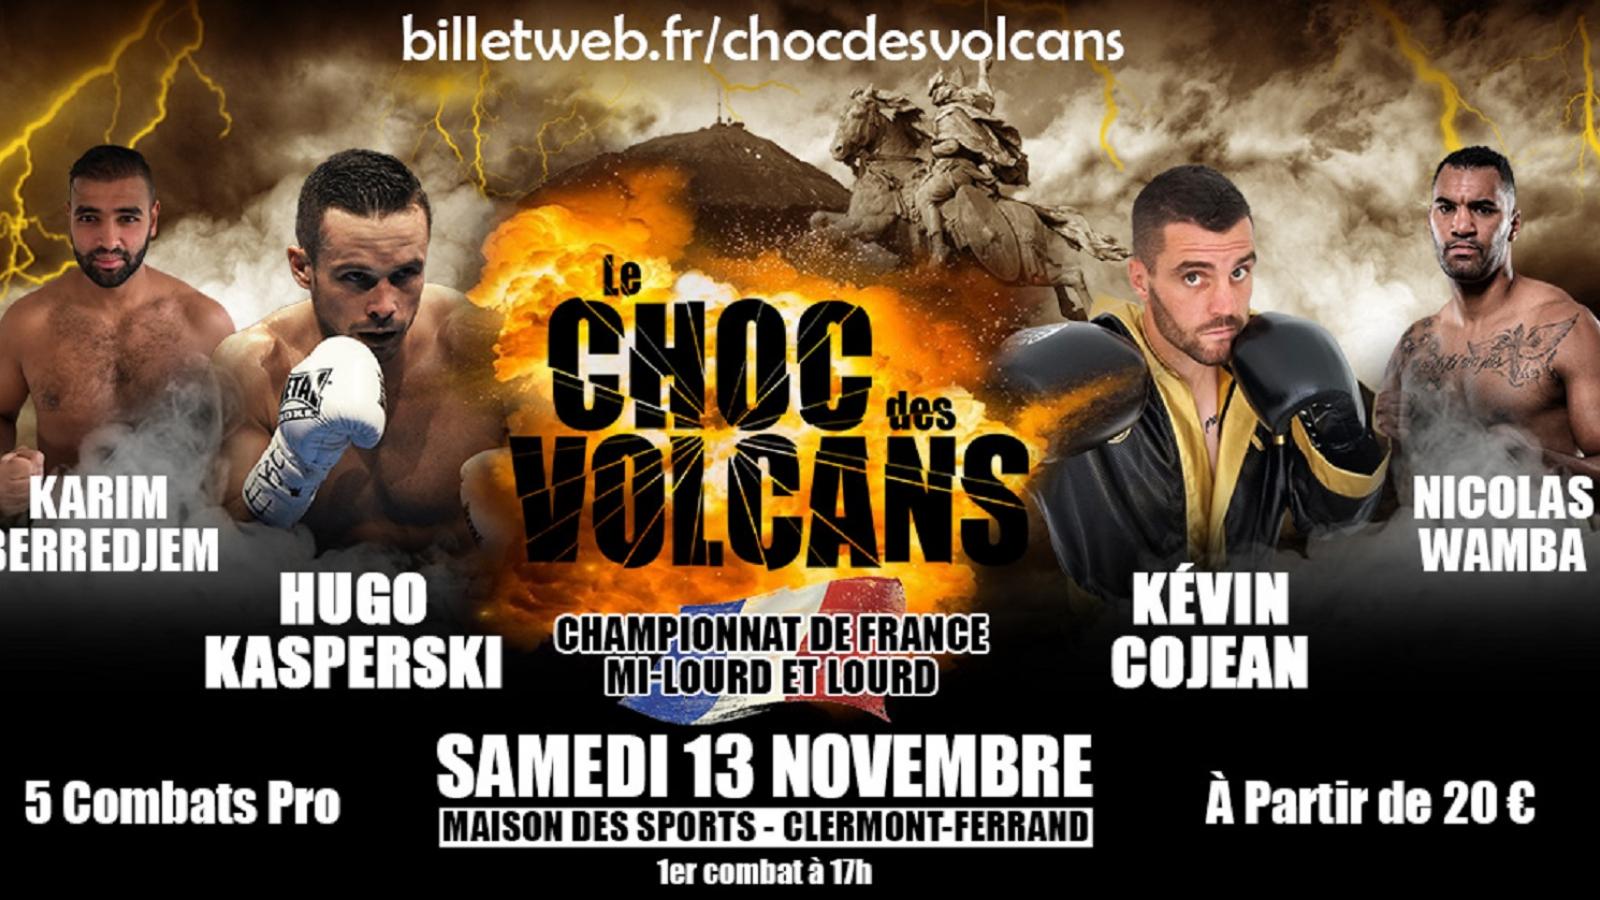 © Le Choc des Volcans